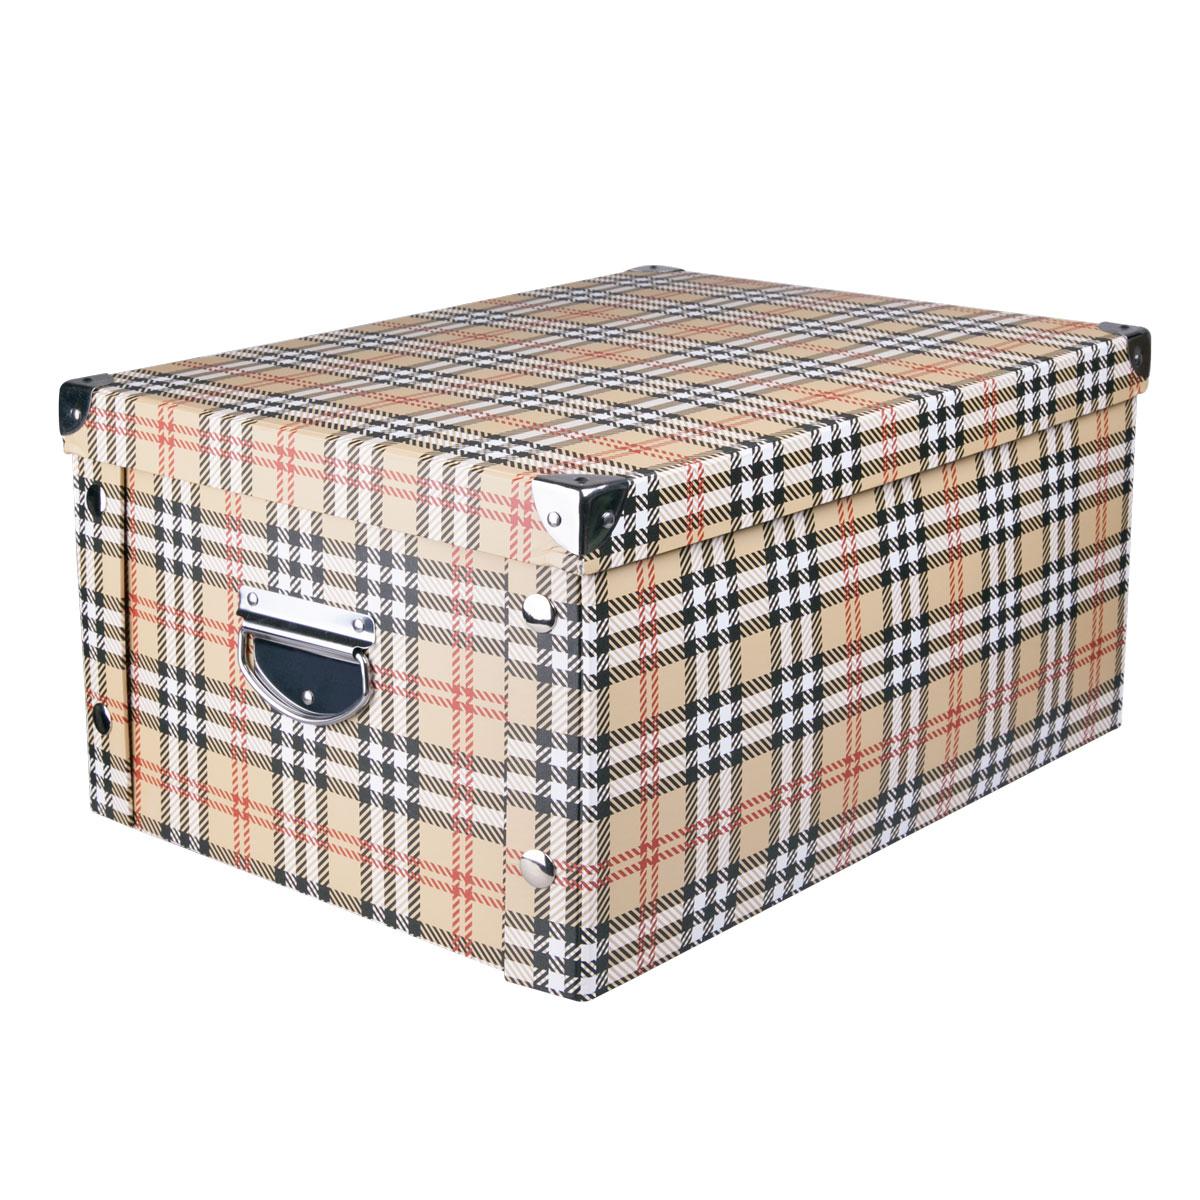 Коробка для хранения Miolla, 30 х 20 х 15 см. CFB-05CFB-05Коробка для хранения Miolla прекрасно подойдет для хранения бытовых мелочей, документов, аксессуаров для рукоделия и других мелких предметов. Коробка поставляется в разобранном виде, легко и быстро складывается. Плотная крышка и удобные для переноски металлические ручки станут приятным дополнением к функциональным достоинствам коробки. Удобная крышка не даст ни одной вещи потеряться, а оптимальный размер подойдет для любого шкафа или полки.Компактная, но при этом вместительная коробка для хранения станет яркой нотой в вашем интерьере.